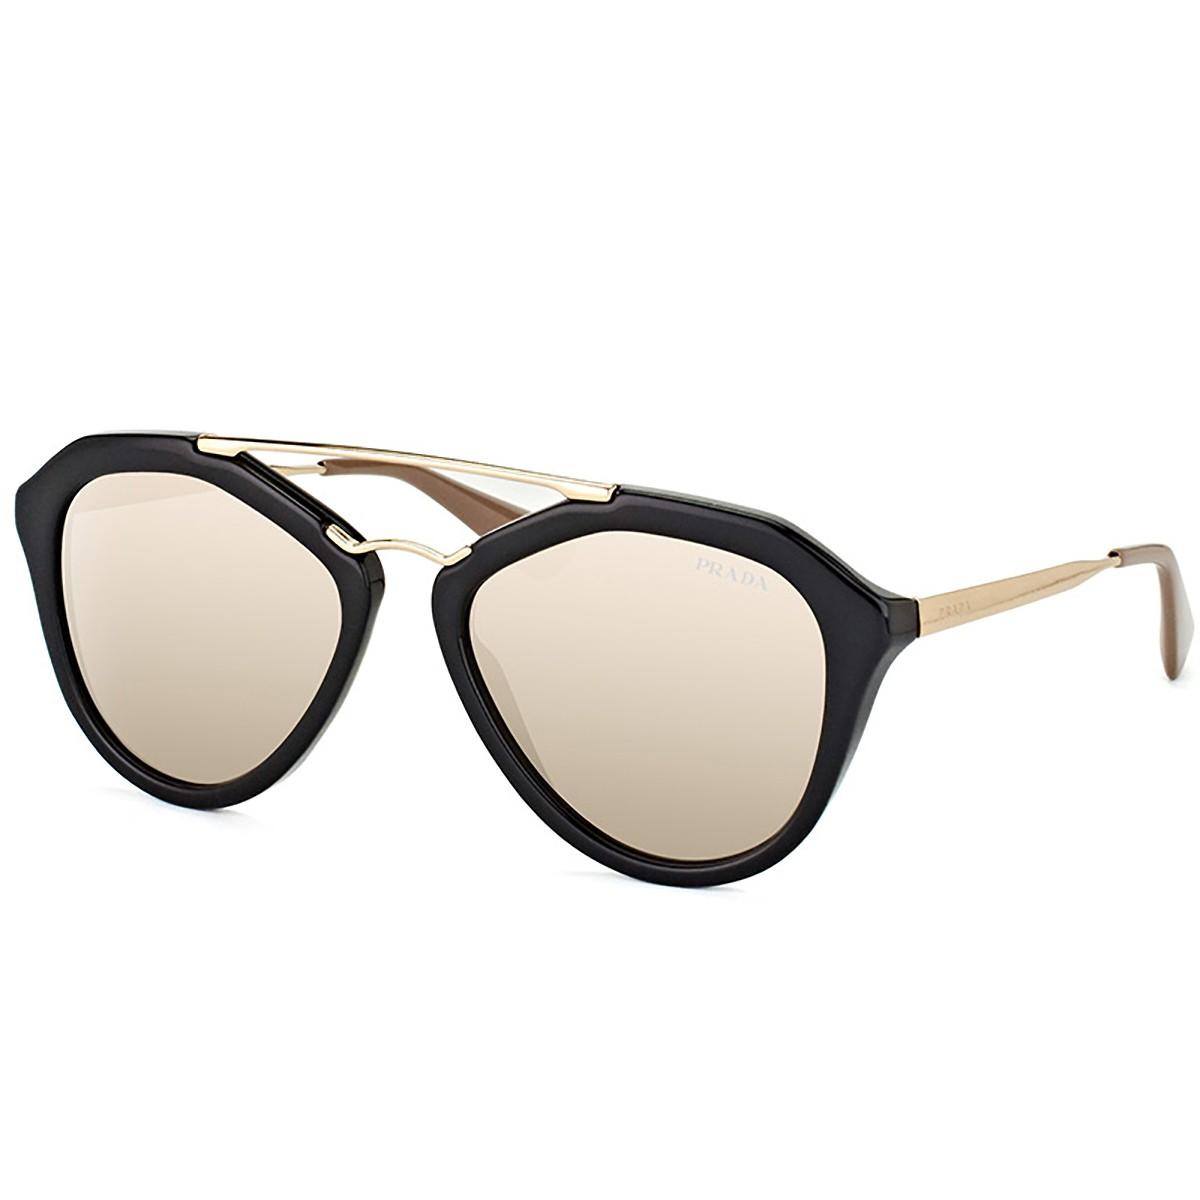 Compre Óculos de Sol Prada em 10X   Tri-Jóia Shop 07f9c29fae